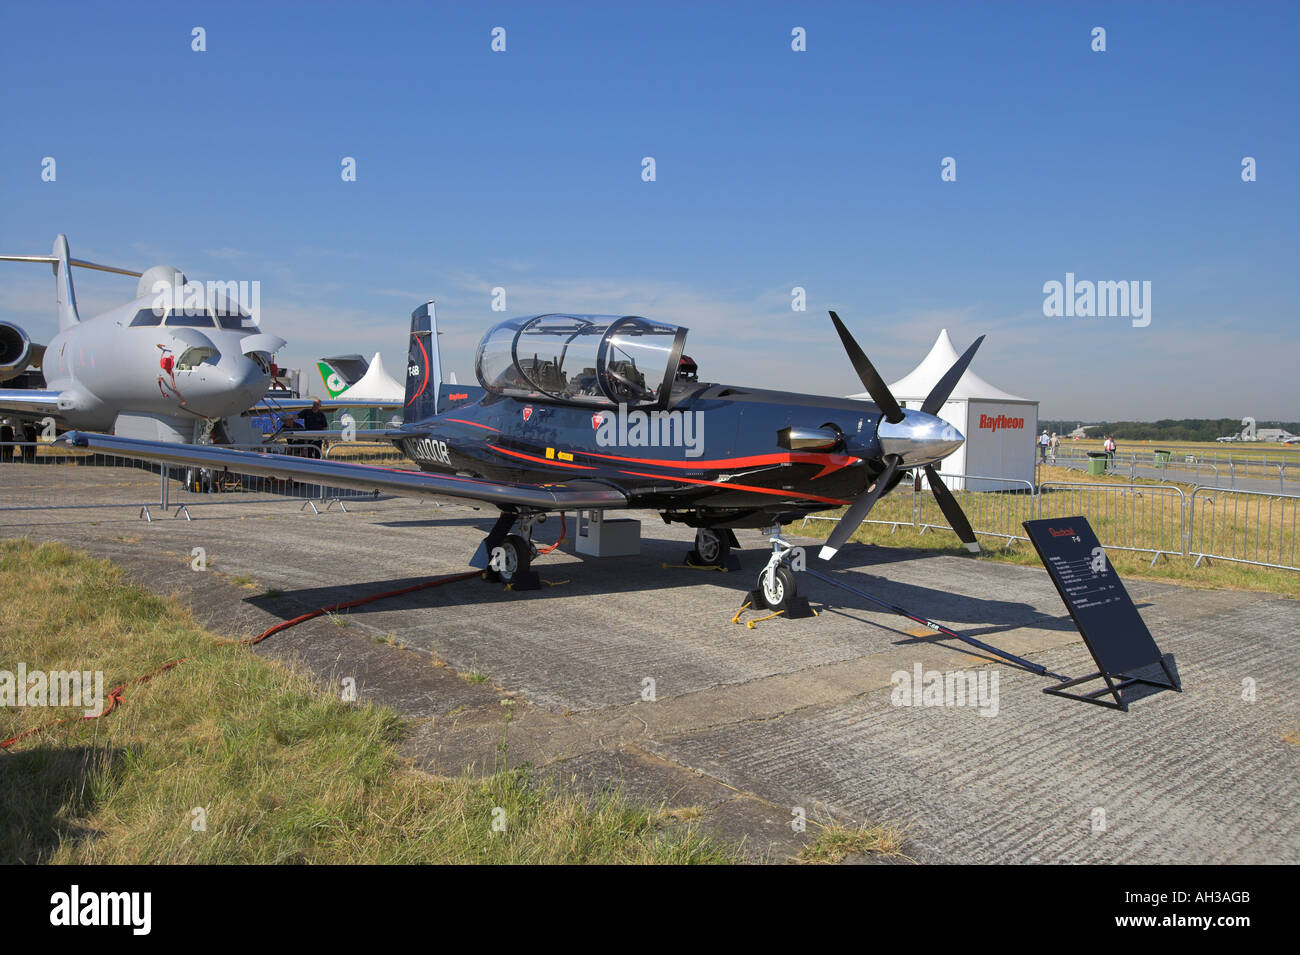 Beechcraft T6 by Raytheon - Stock Image